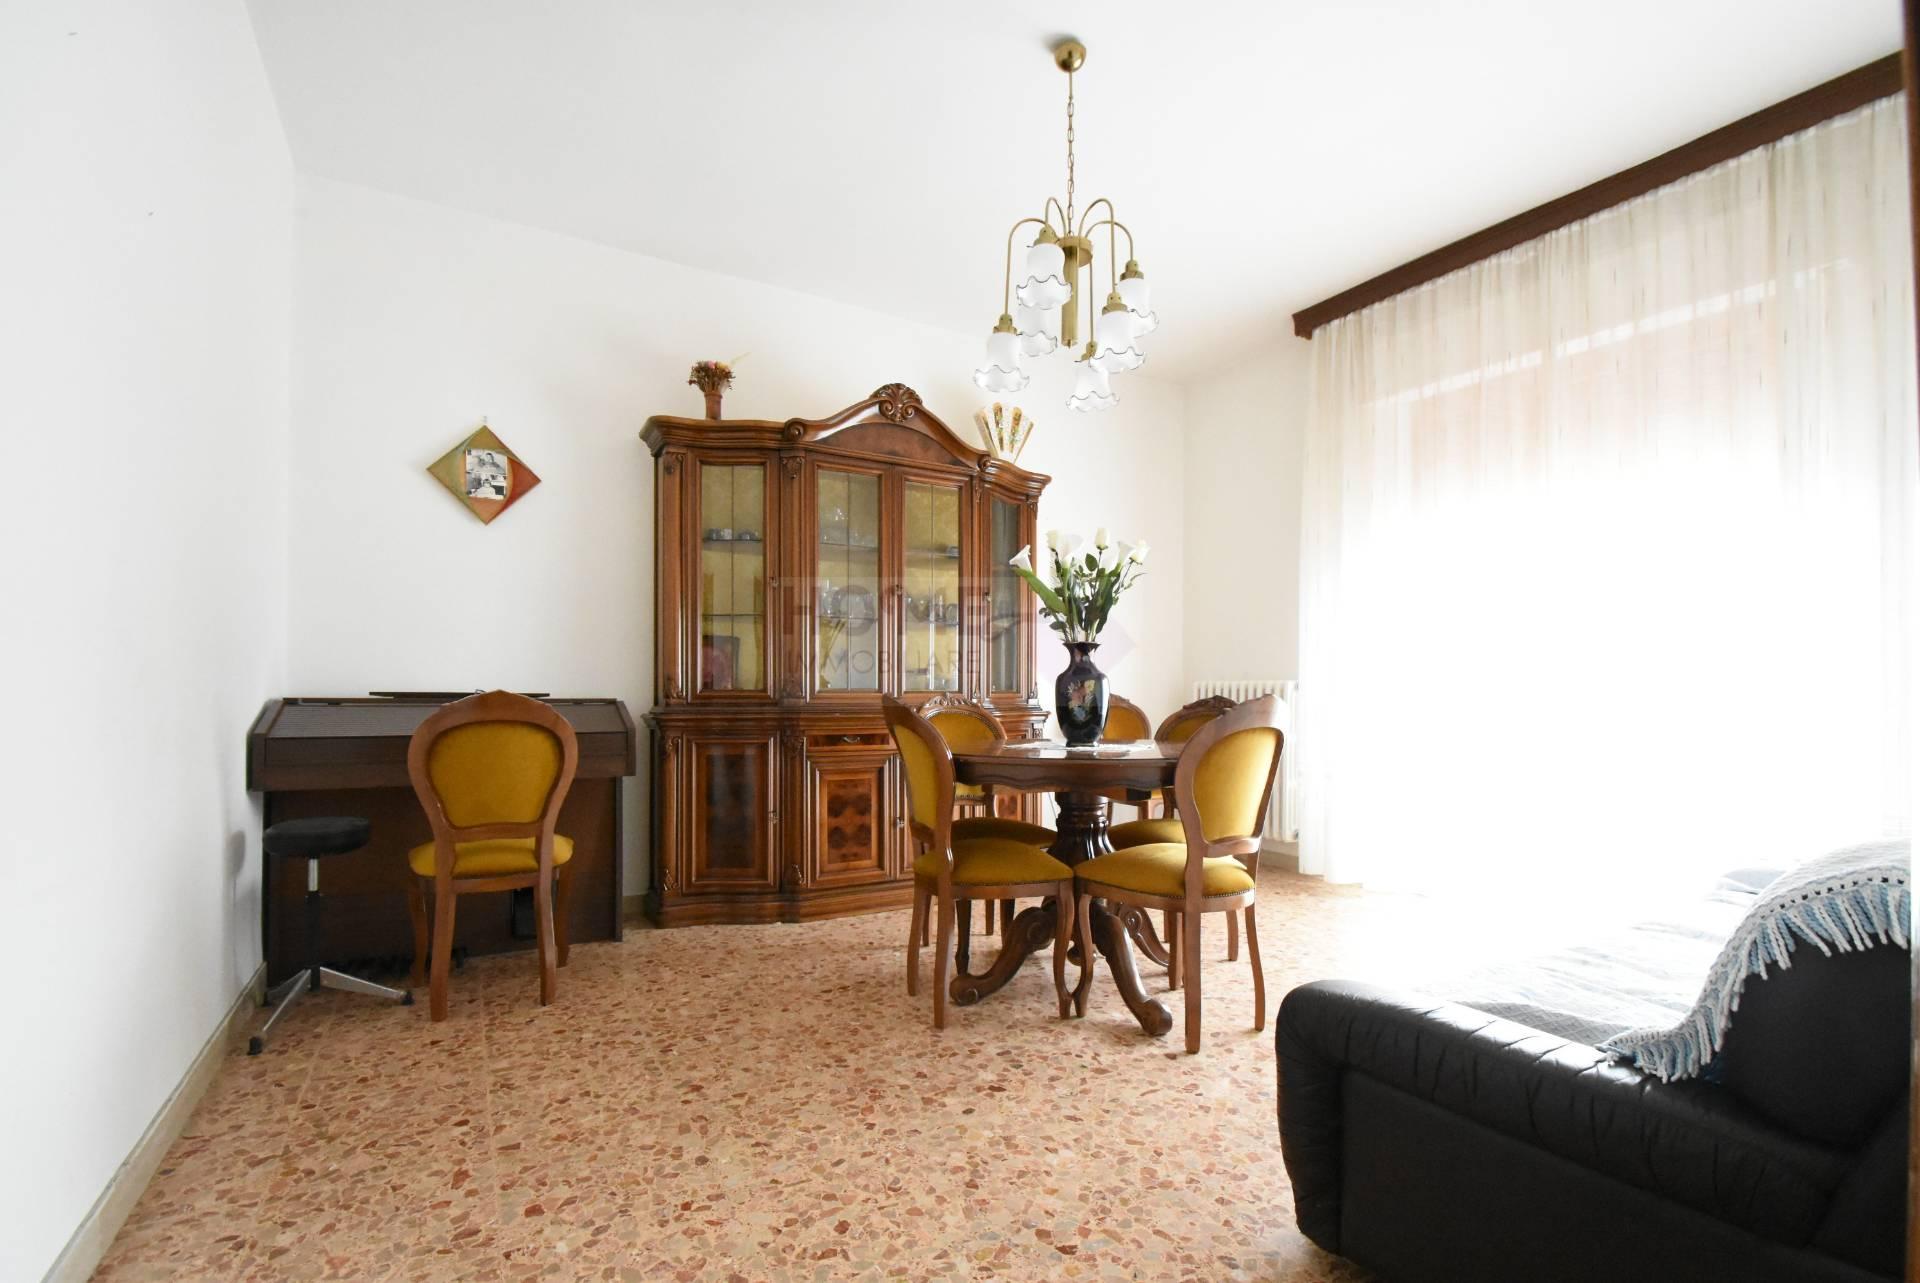 Appartamento in vendita a Treia, 7 locali, zona Località: semi-centrale, prezzo € 98.000 | CambioCasa.it